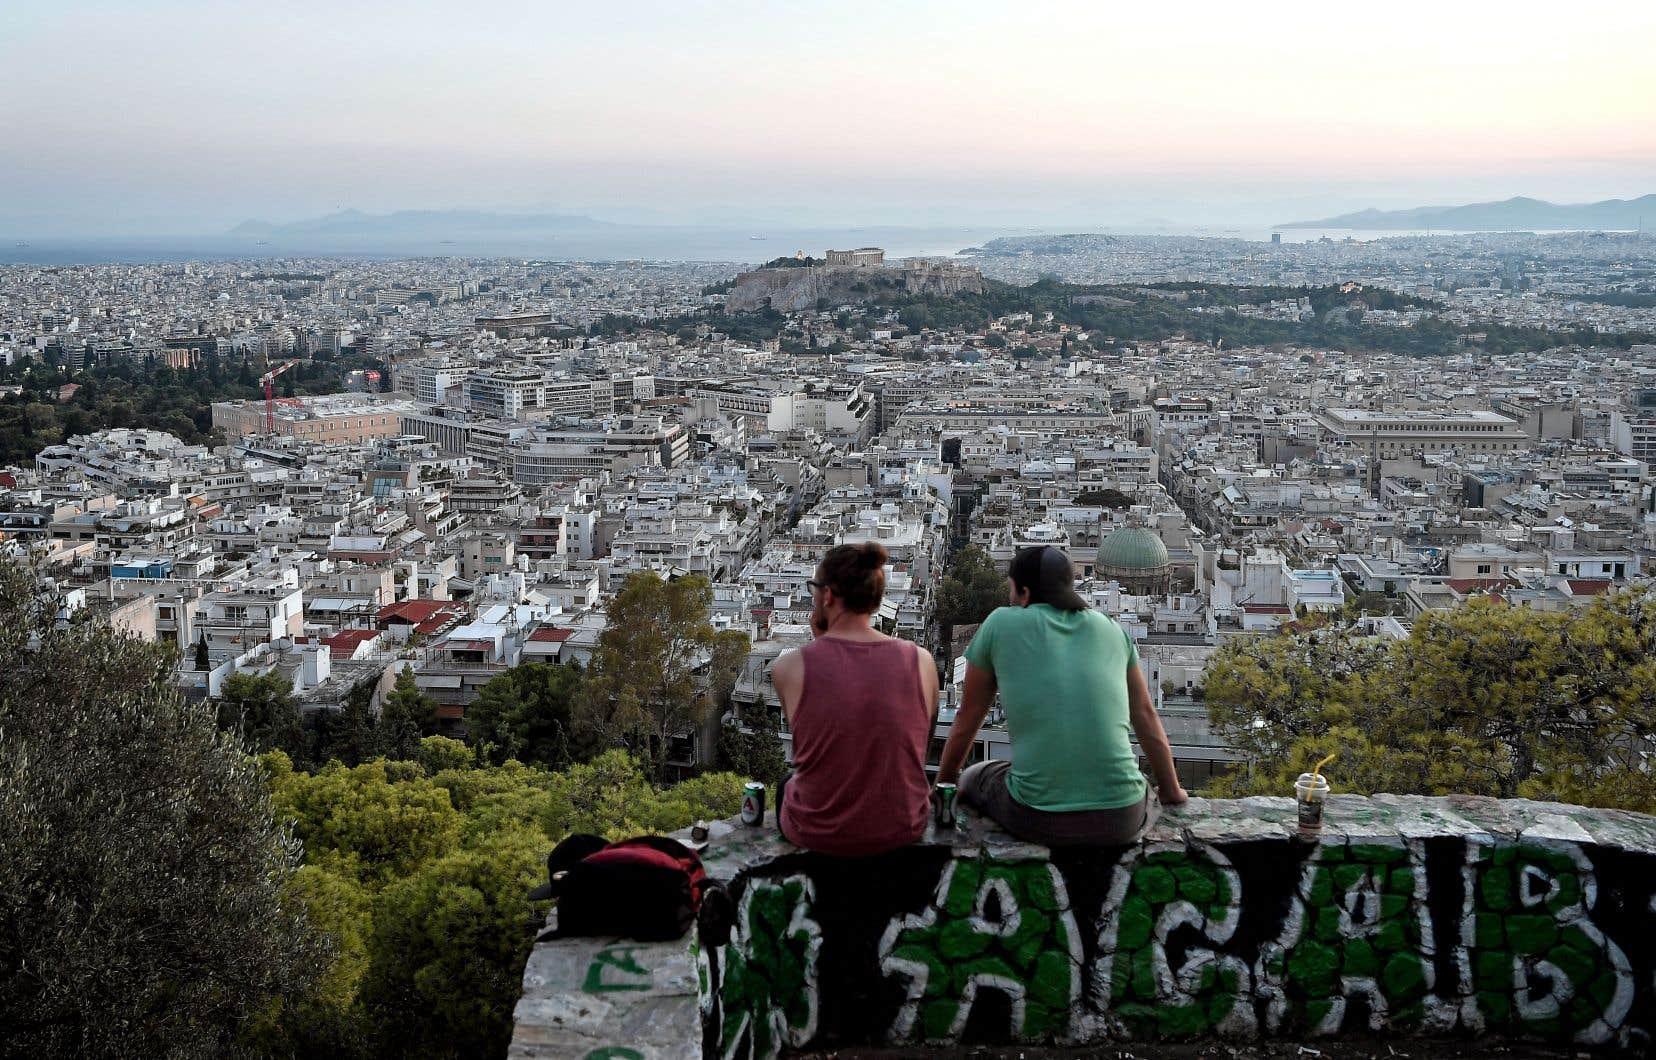 La Grèce est le dernier pays, après le Portugal, l'Irlande, l'Espagne et Chypre, à émerger de l'aide qui leur a évité de sombrer pendant la crise, et d'entraîner peut-être la zone euro avec eux.